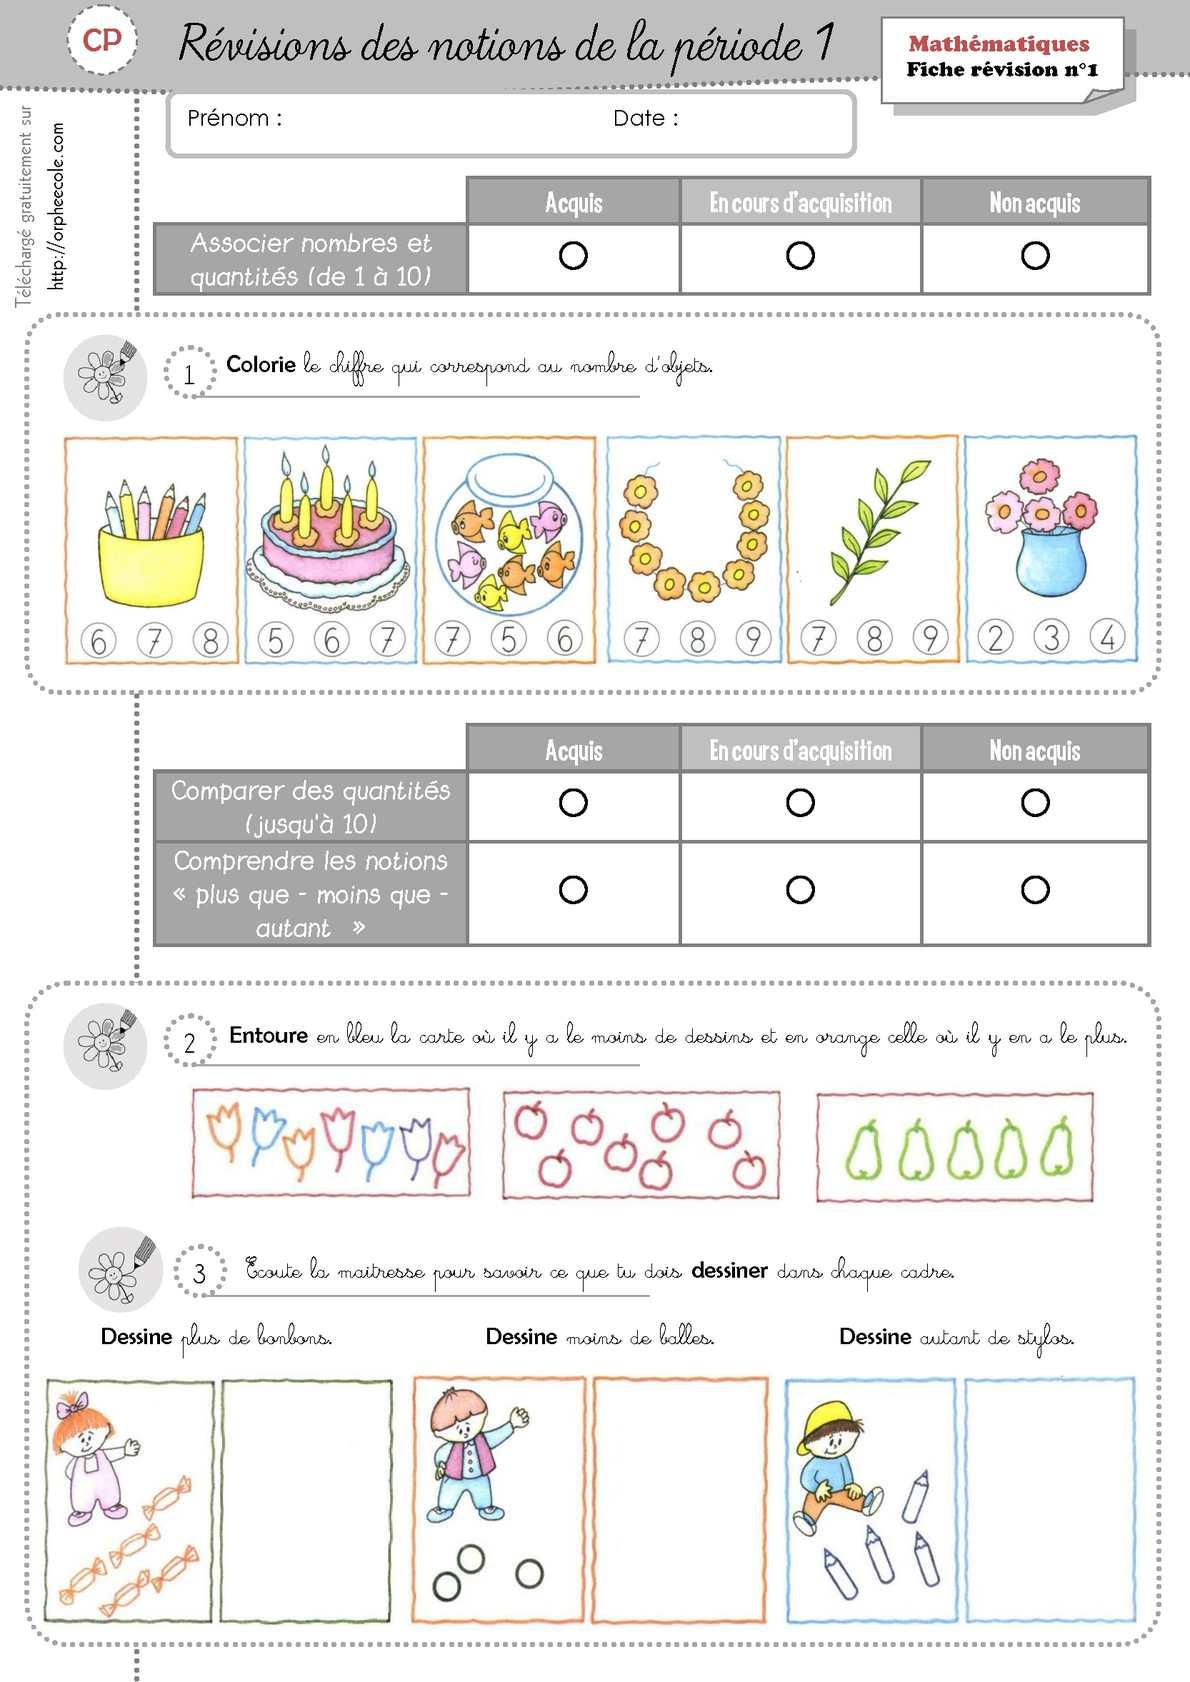 Calaméo - Révisions Math - Première période - CP